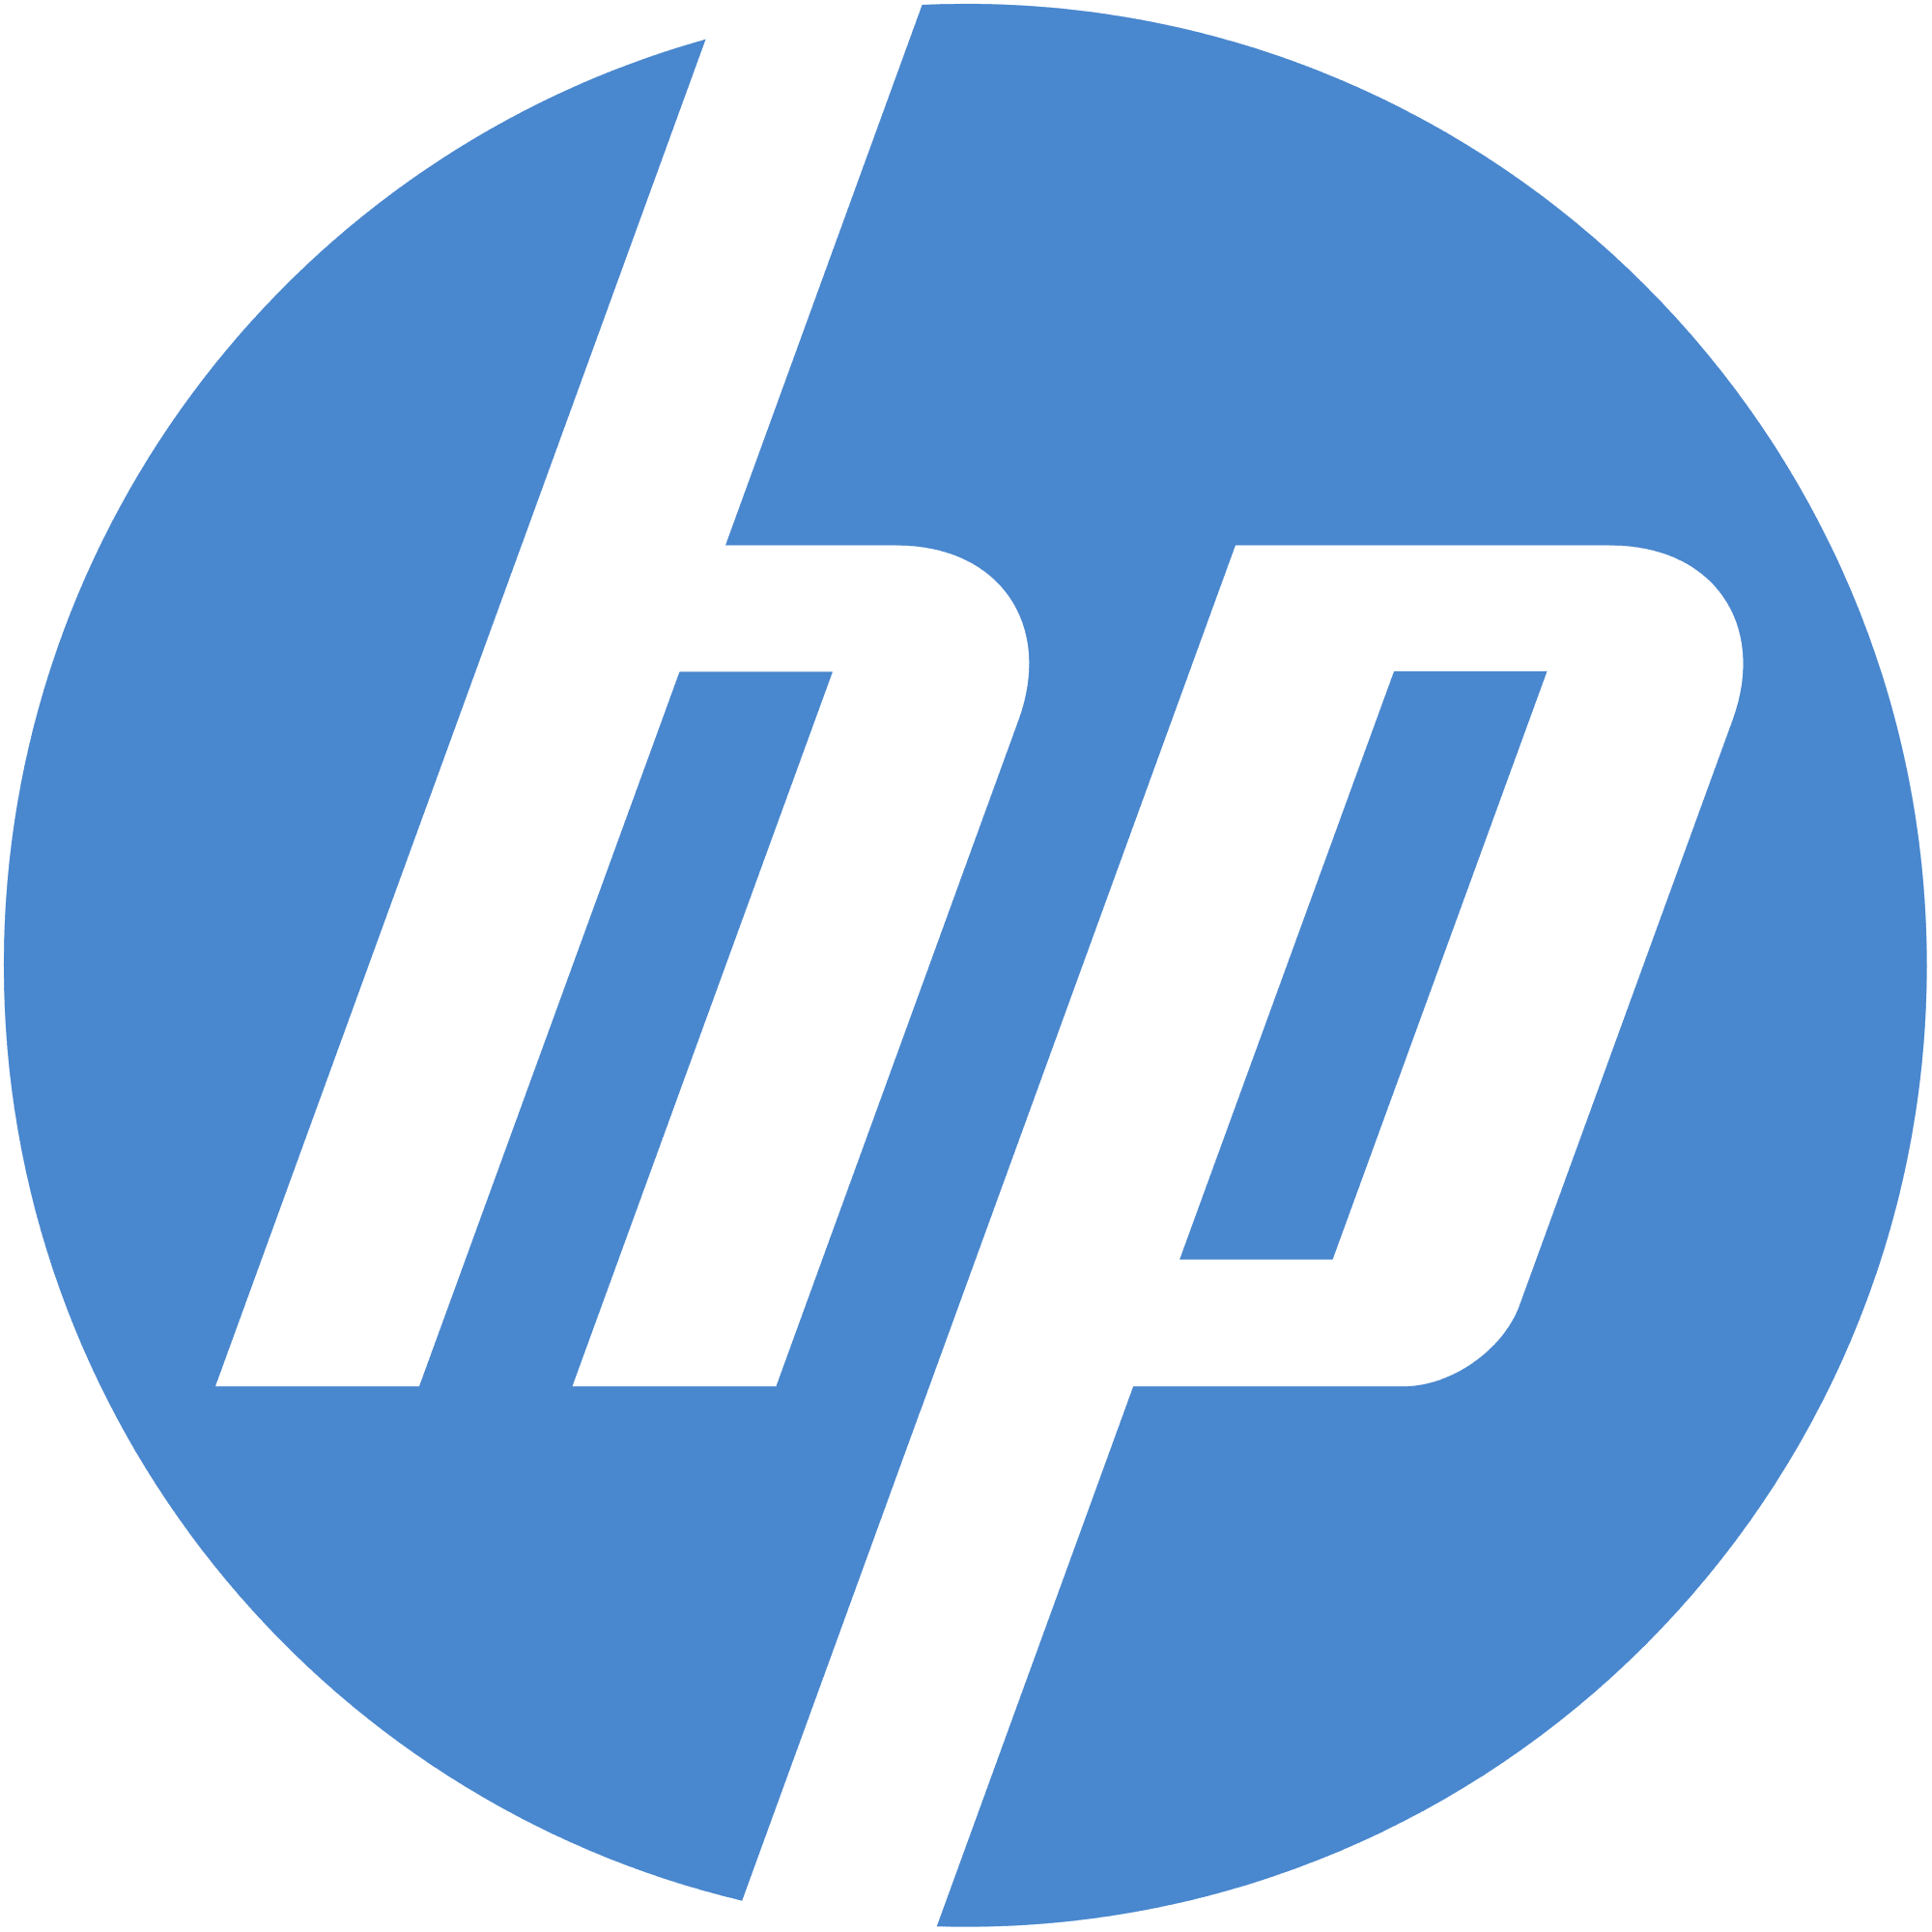 HP HDMI to VGA Display Adapter drivers